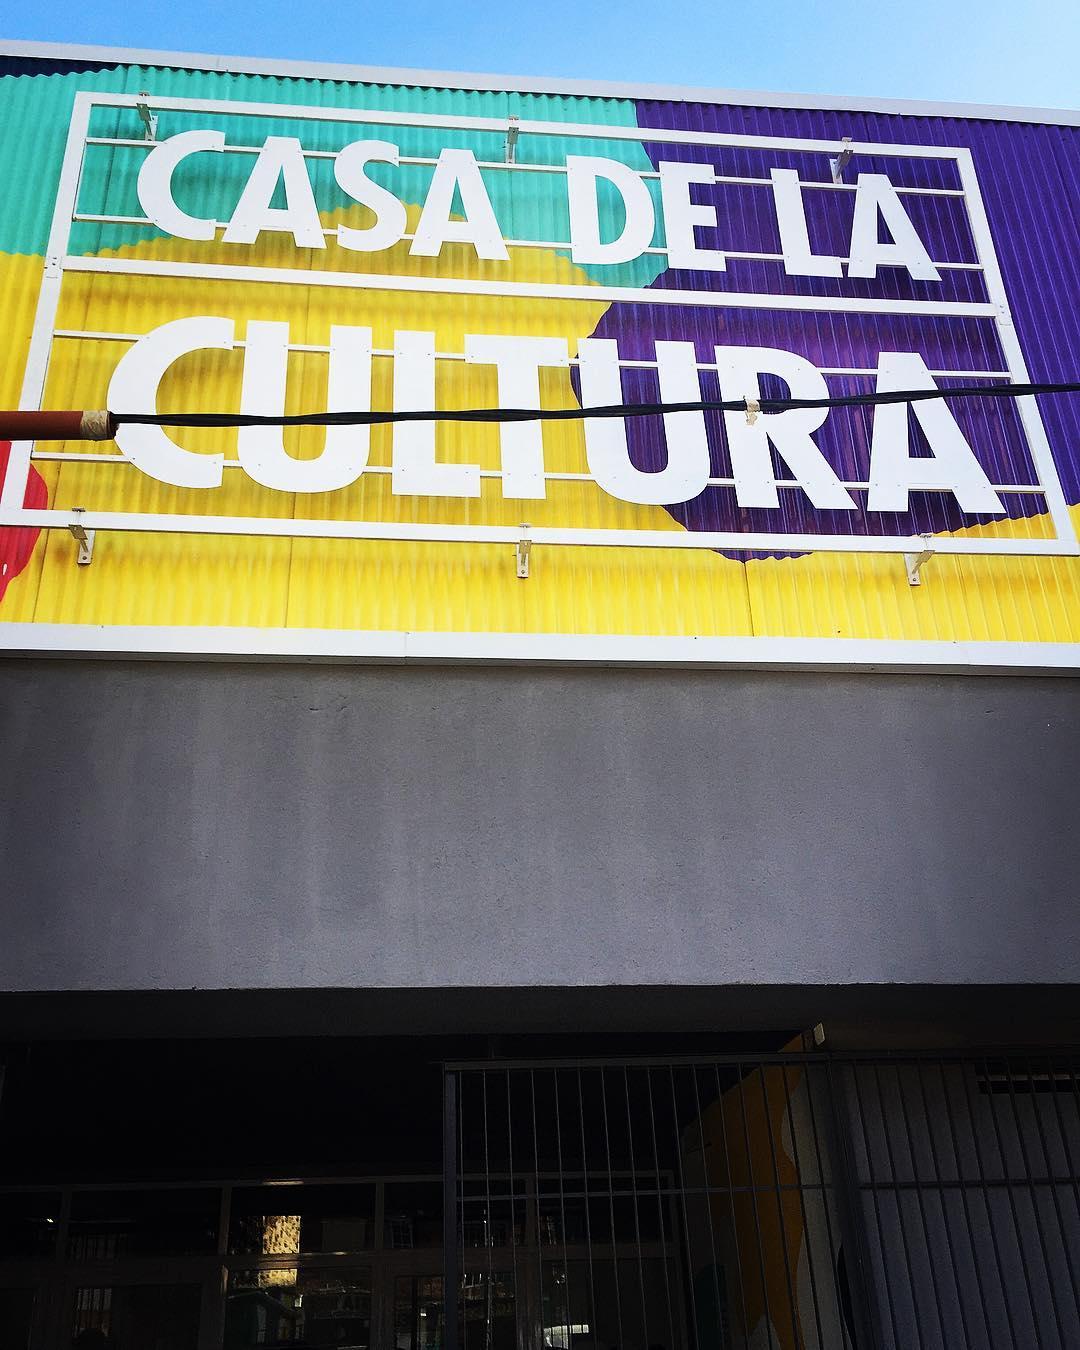 The Cultural Centre run by the city in Casa De La Cultura